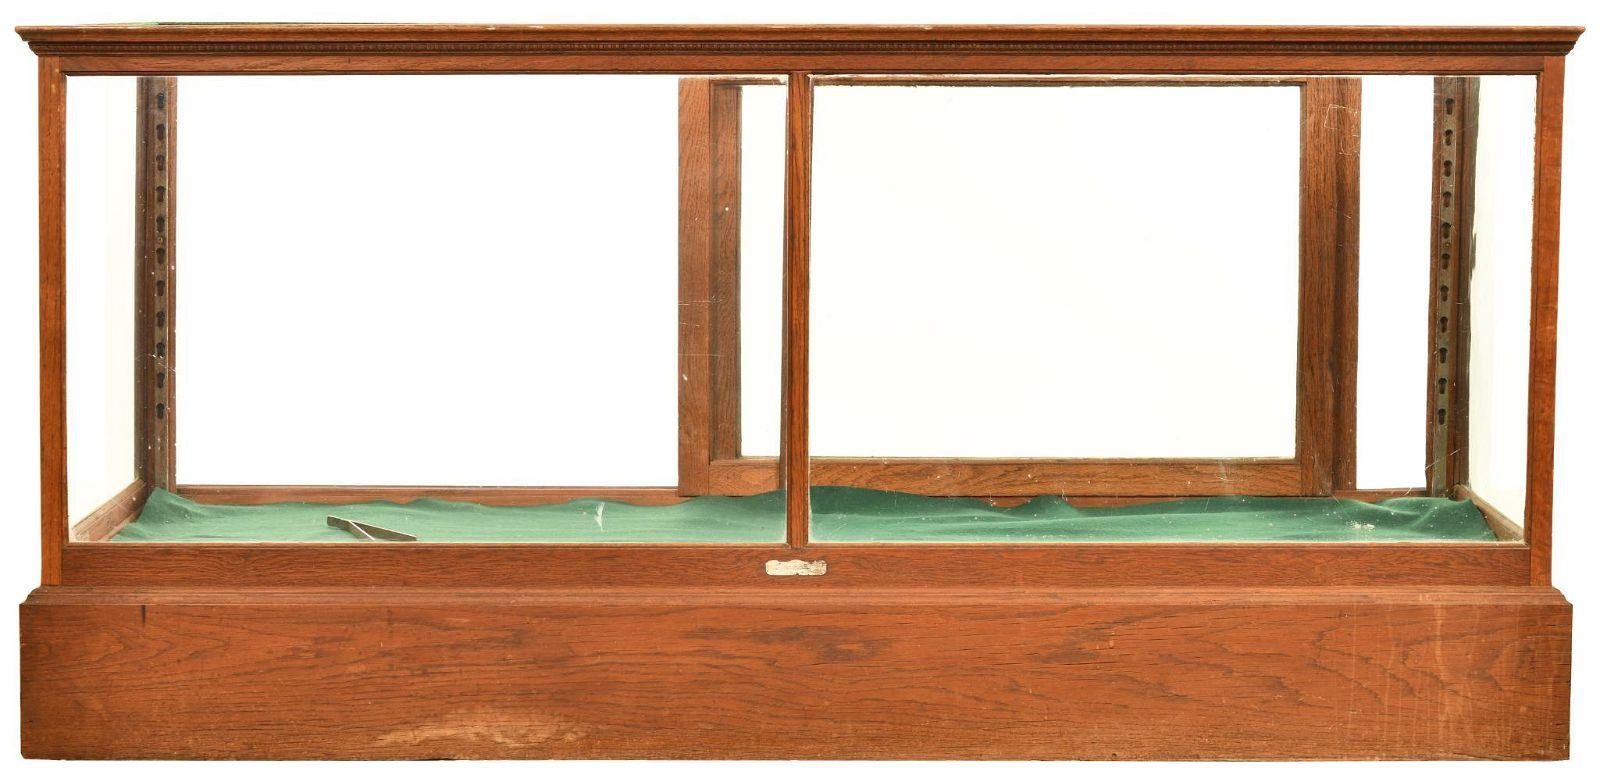 Oak Countertop Show Case